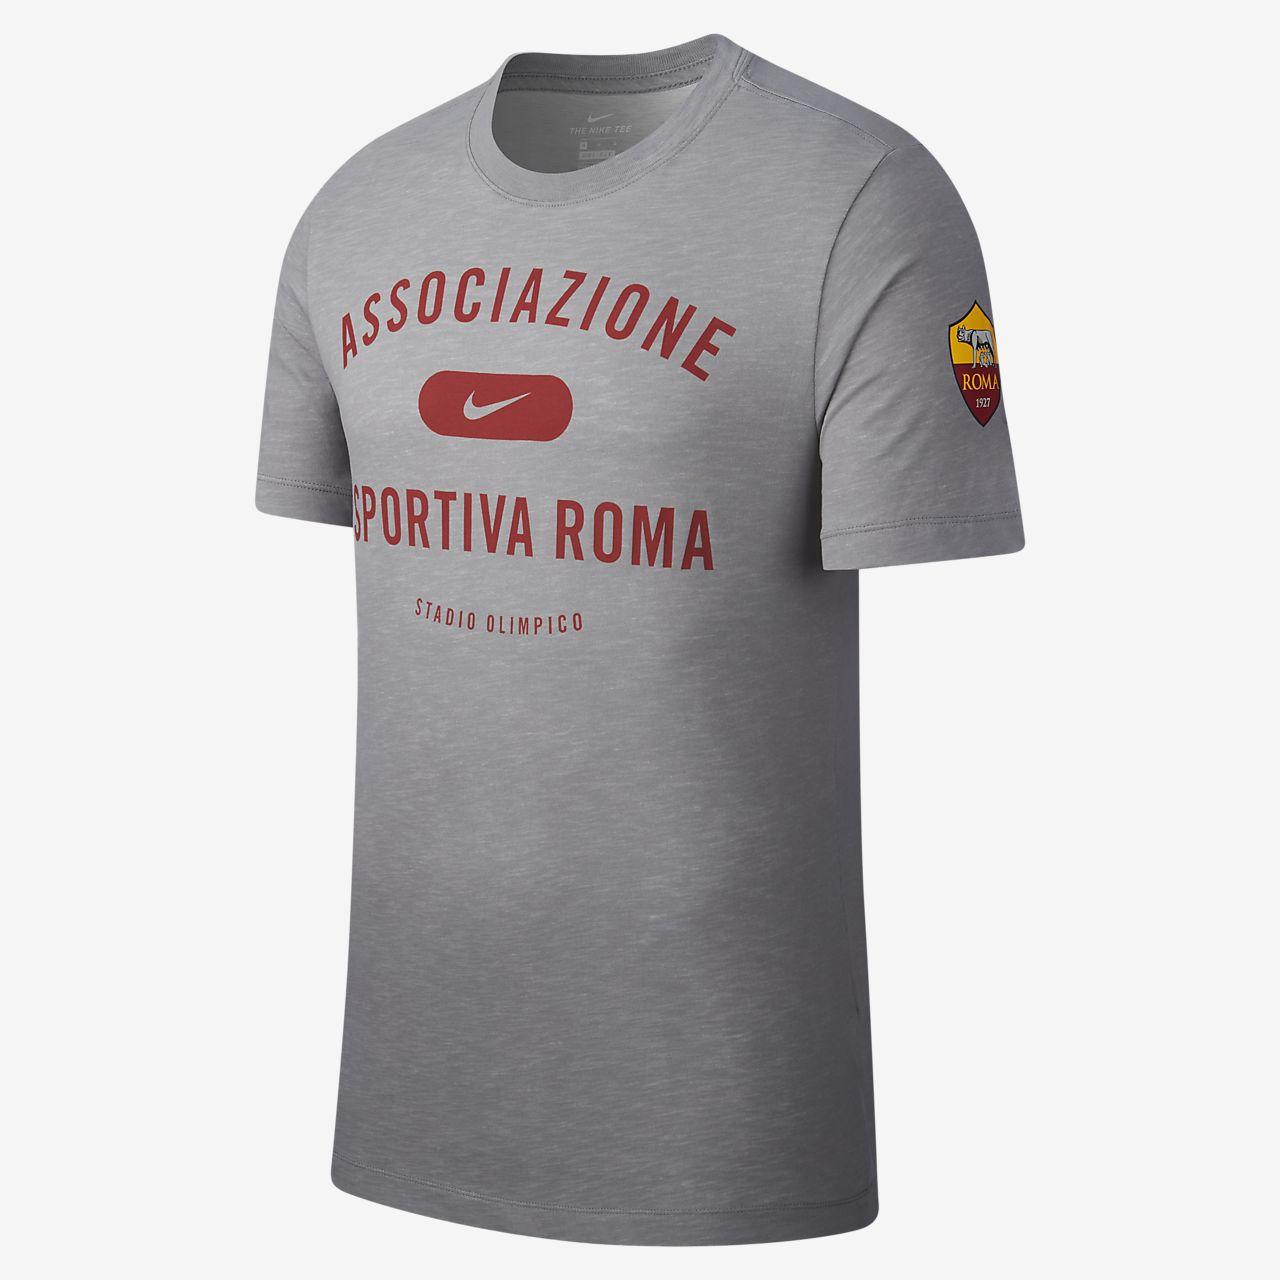 Fotbolls-t-shirt Nike Dri-FIT A.S. Roma för män